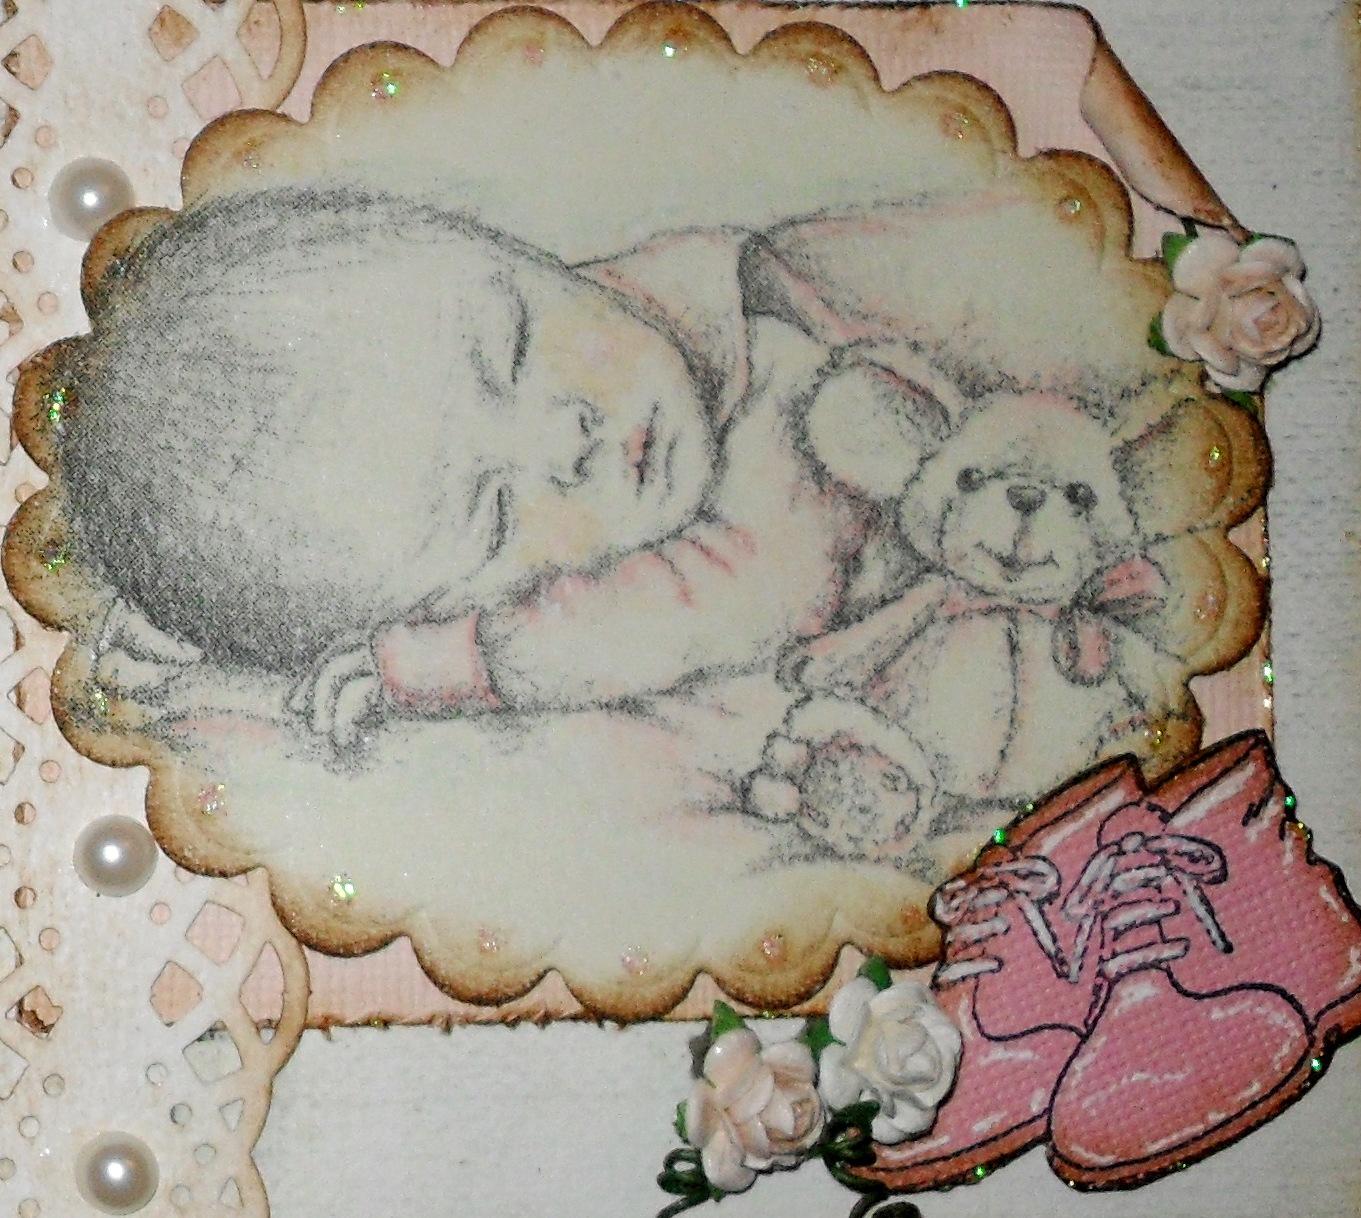 Hvert kort hadde et baby dikt